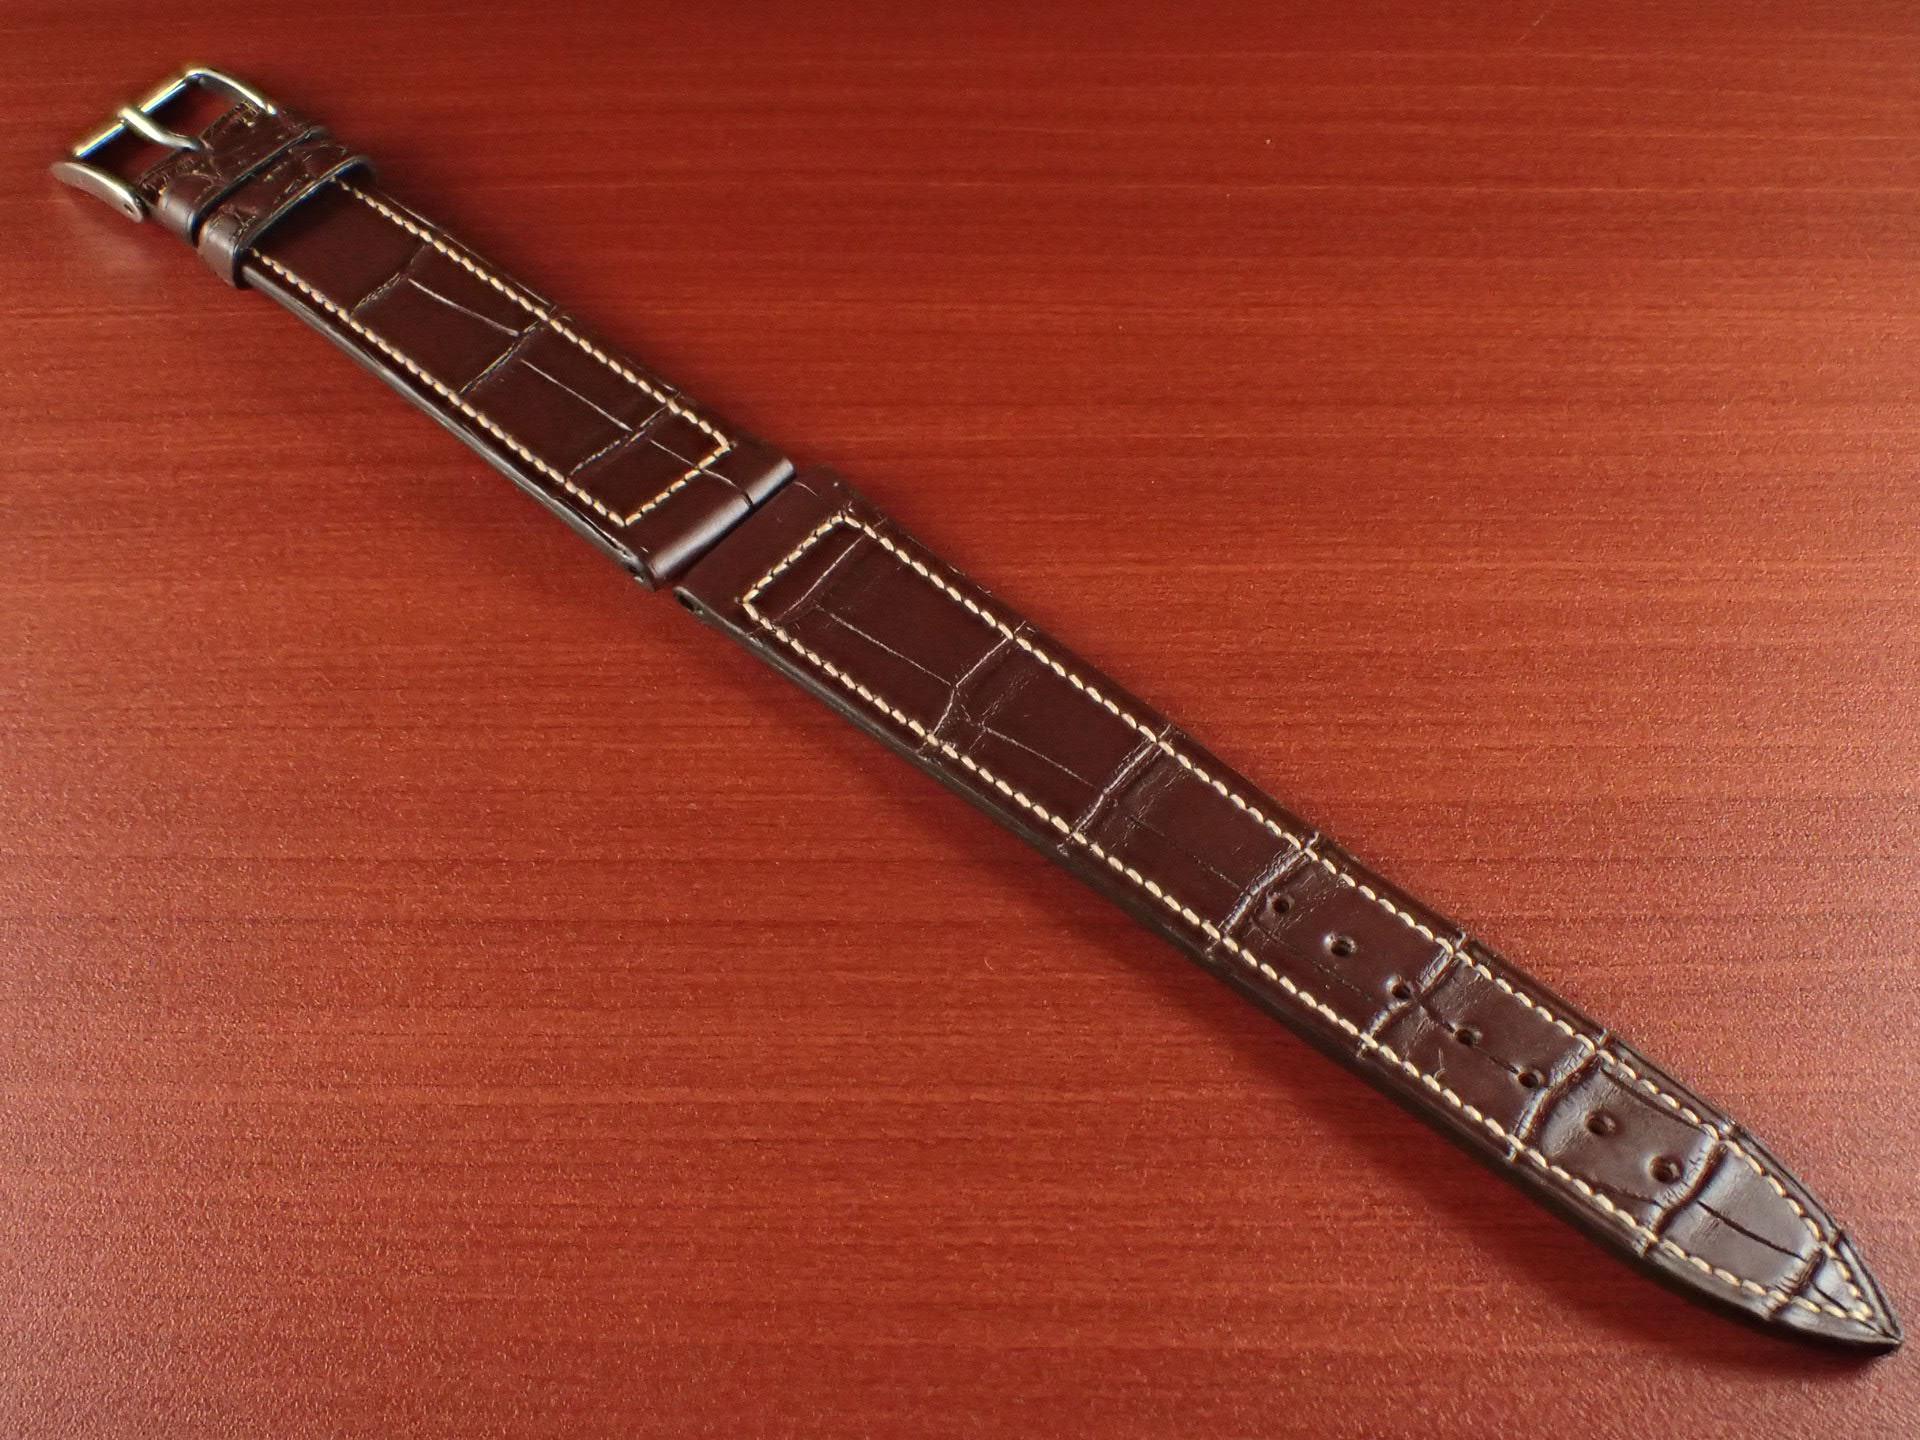 ジャン・クロード ペラン革ベルト クロコダイル ダークブラウン 18mmのメイン写真